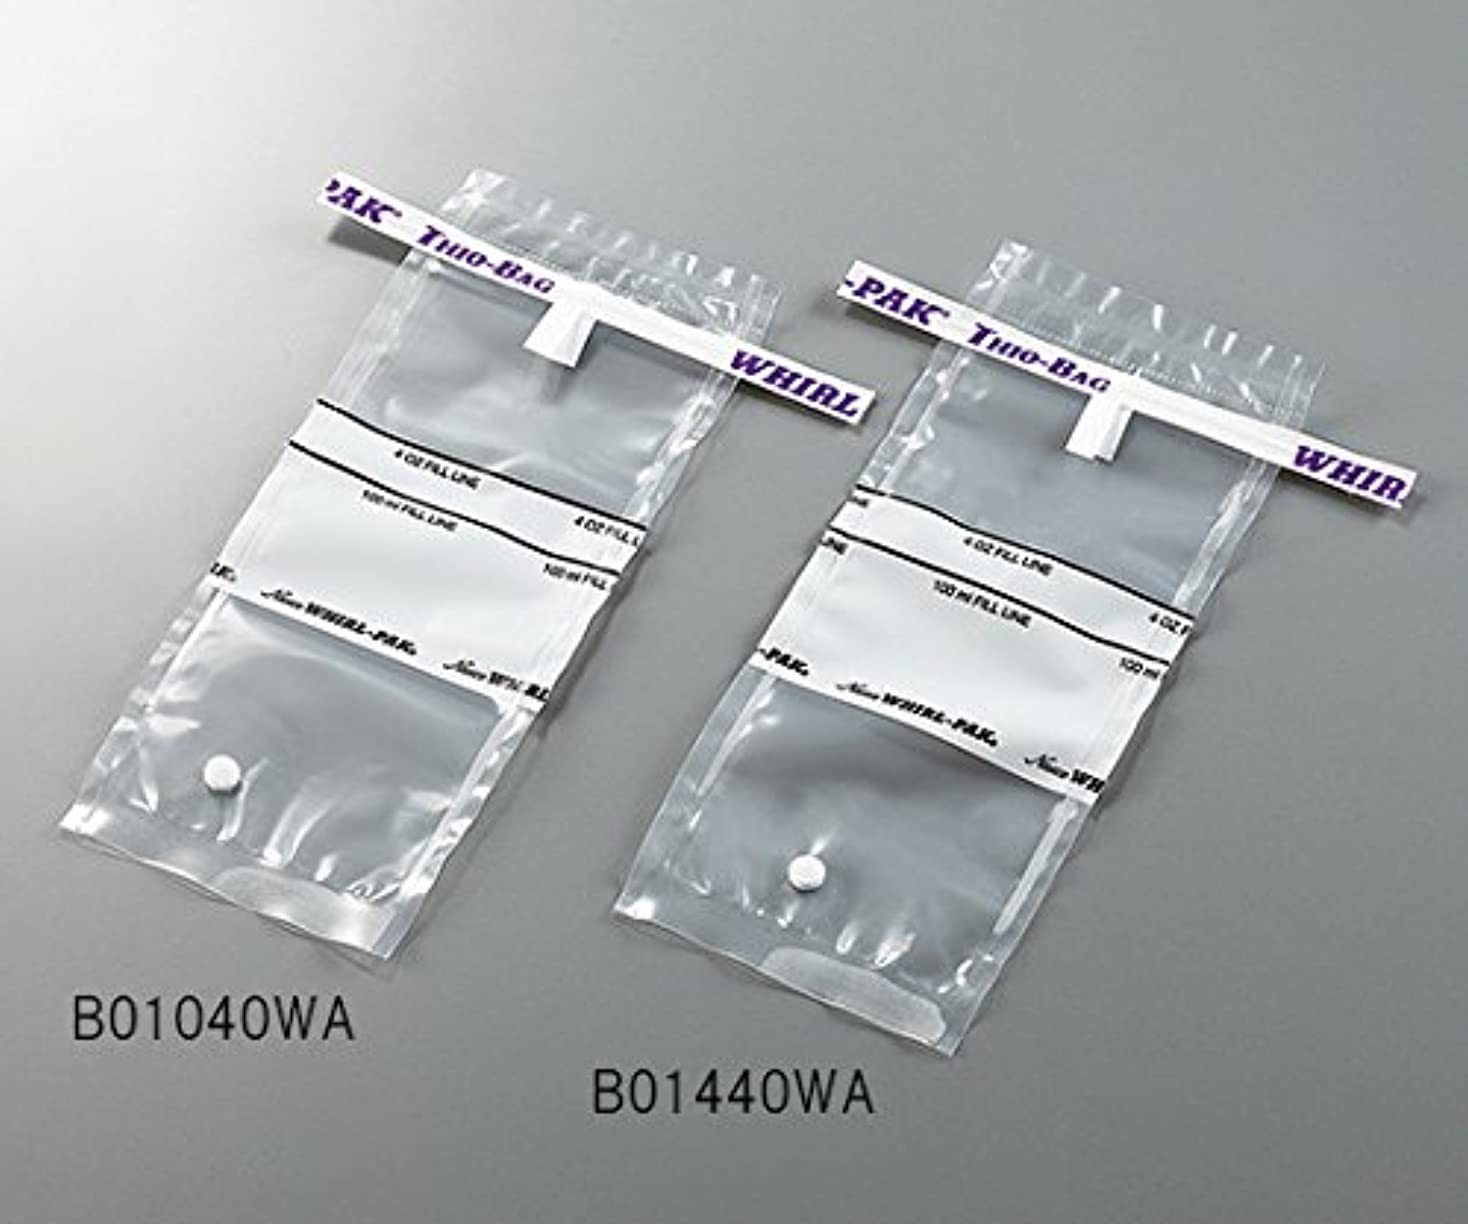 作者ローズ実際の3-5414-01採水用サンプリングバッグ100mLチオ硫酸ナトリウム含有量10g